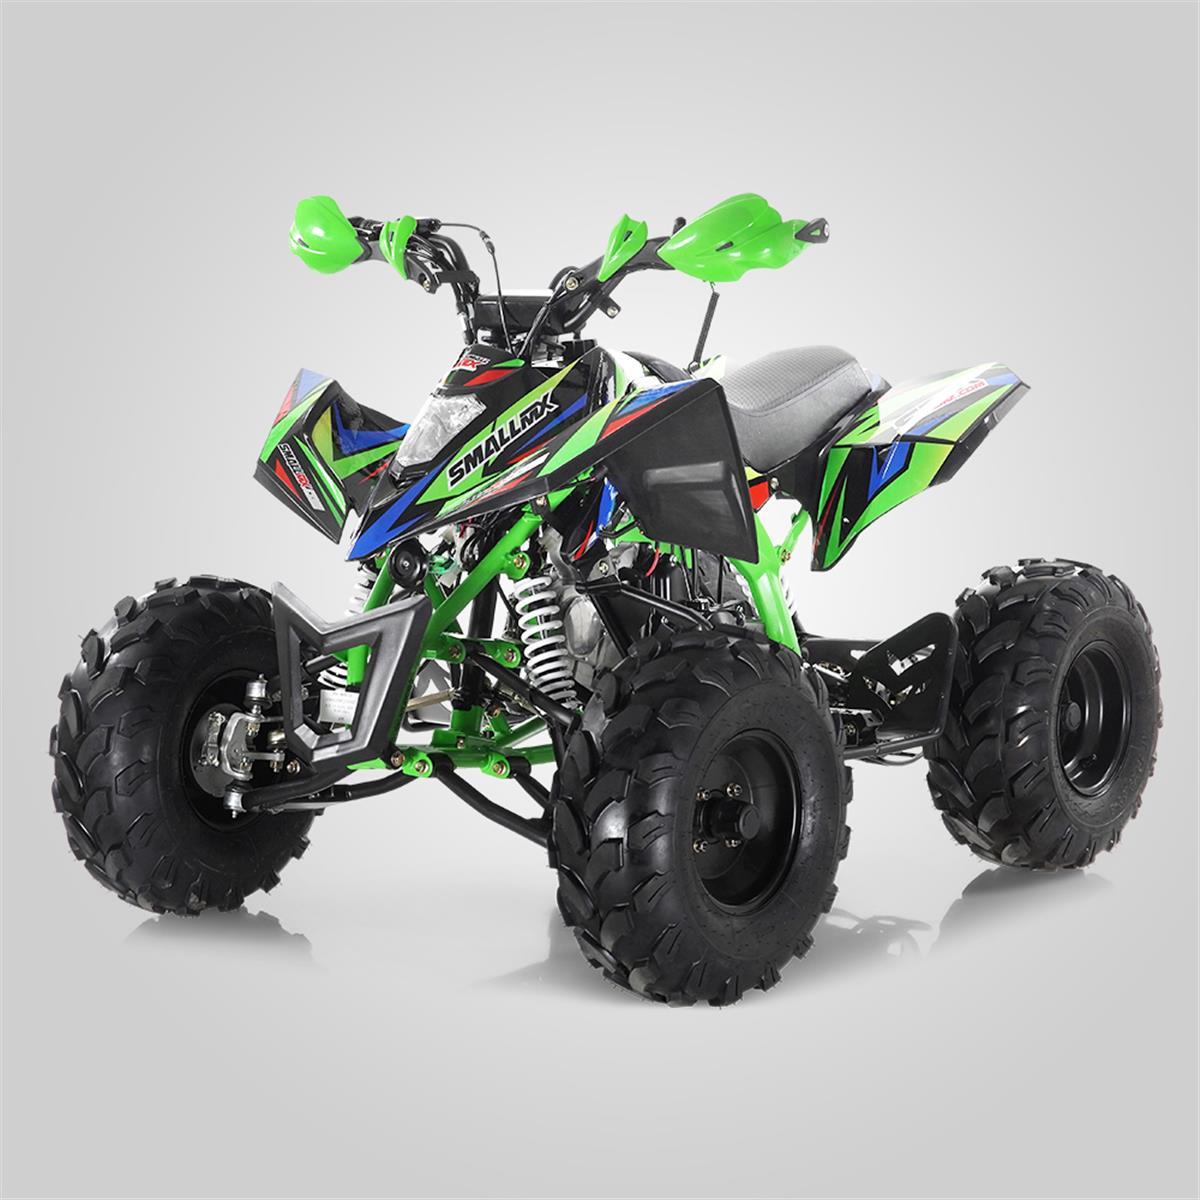 kit d co pour quads enfant srx 125cc smallmx dirt bike pit bike quads minimoto. Black Bedroom Furniture Sets. Home Design Ideas